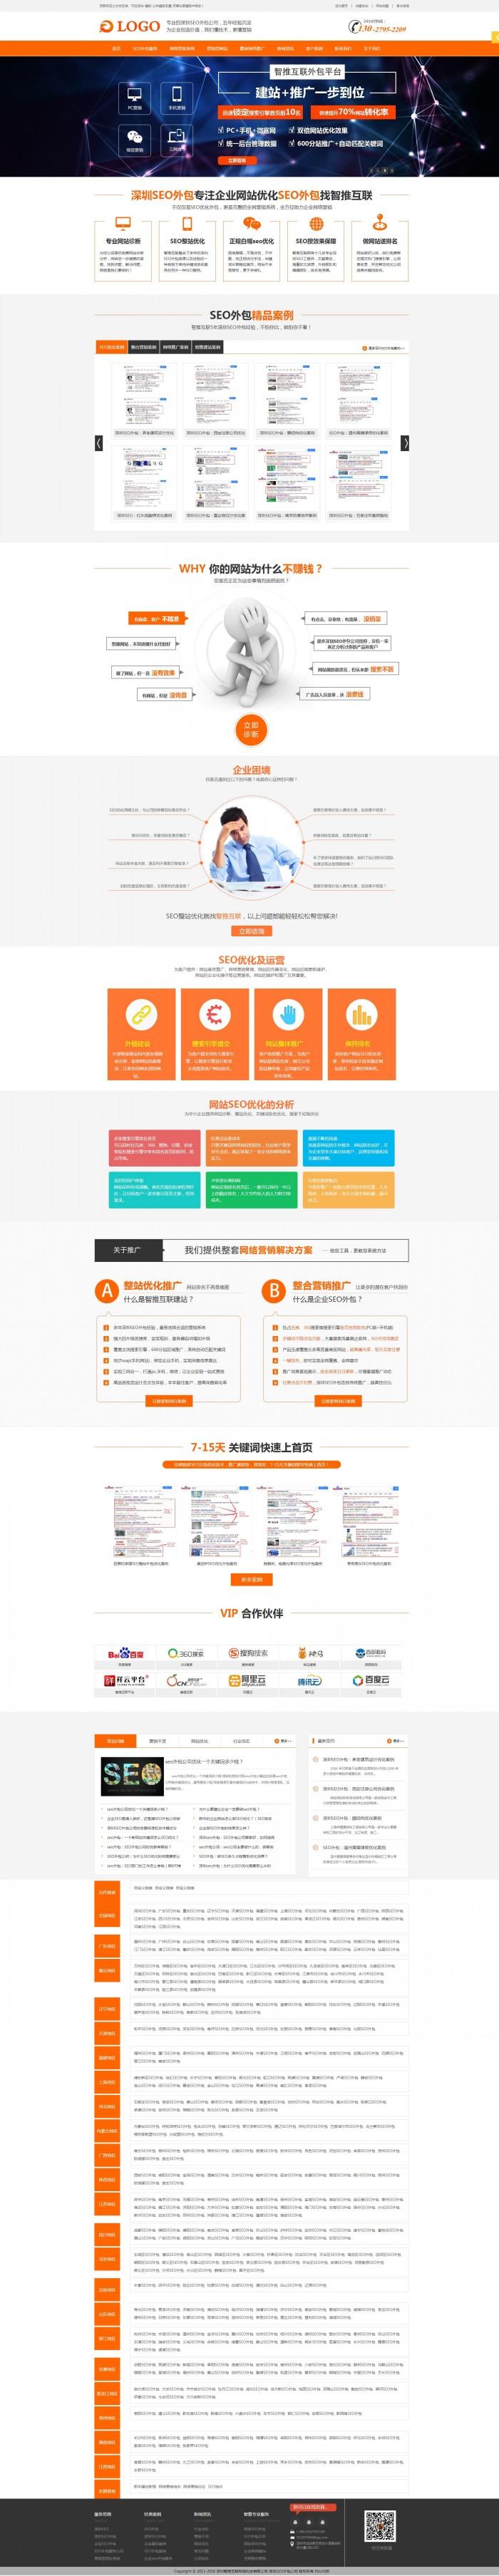 网站首页.jpg [DG-013]企业网站模板SEO优化网络公司整站数据帝国cms模板(带手机端) 企业模板 第1张